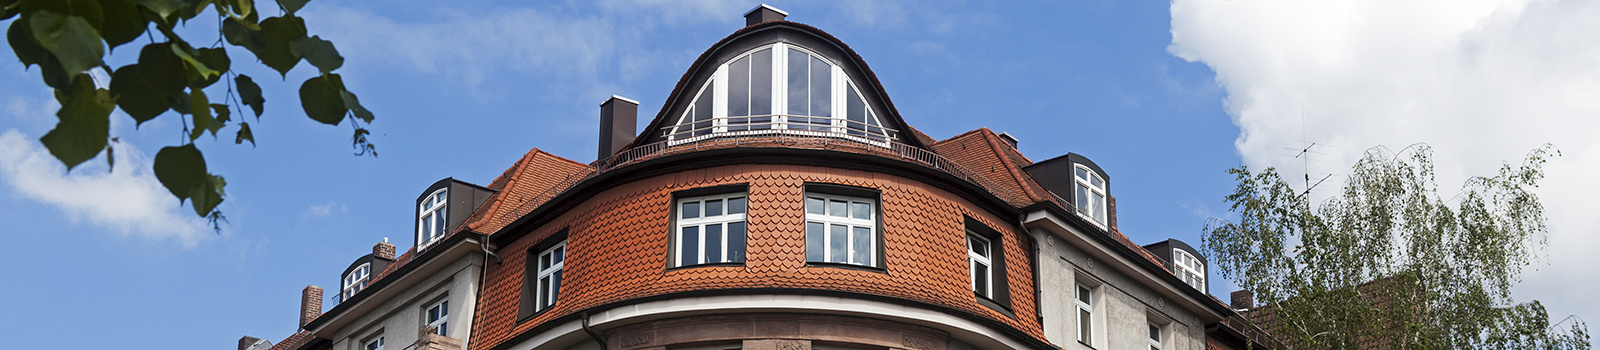 Daten_und_Bau_Immobilien_bspmedia_54